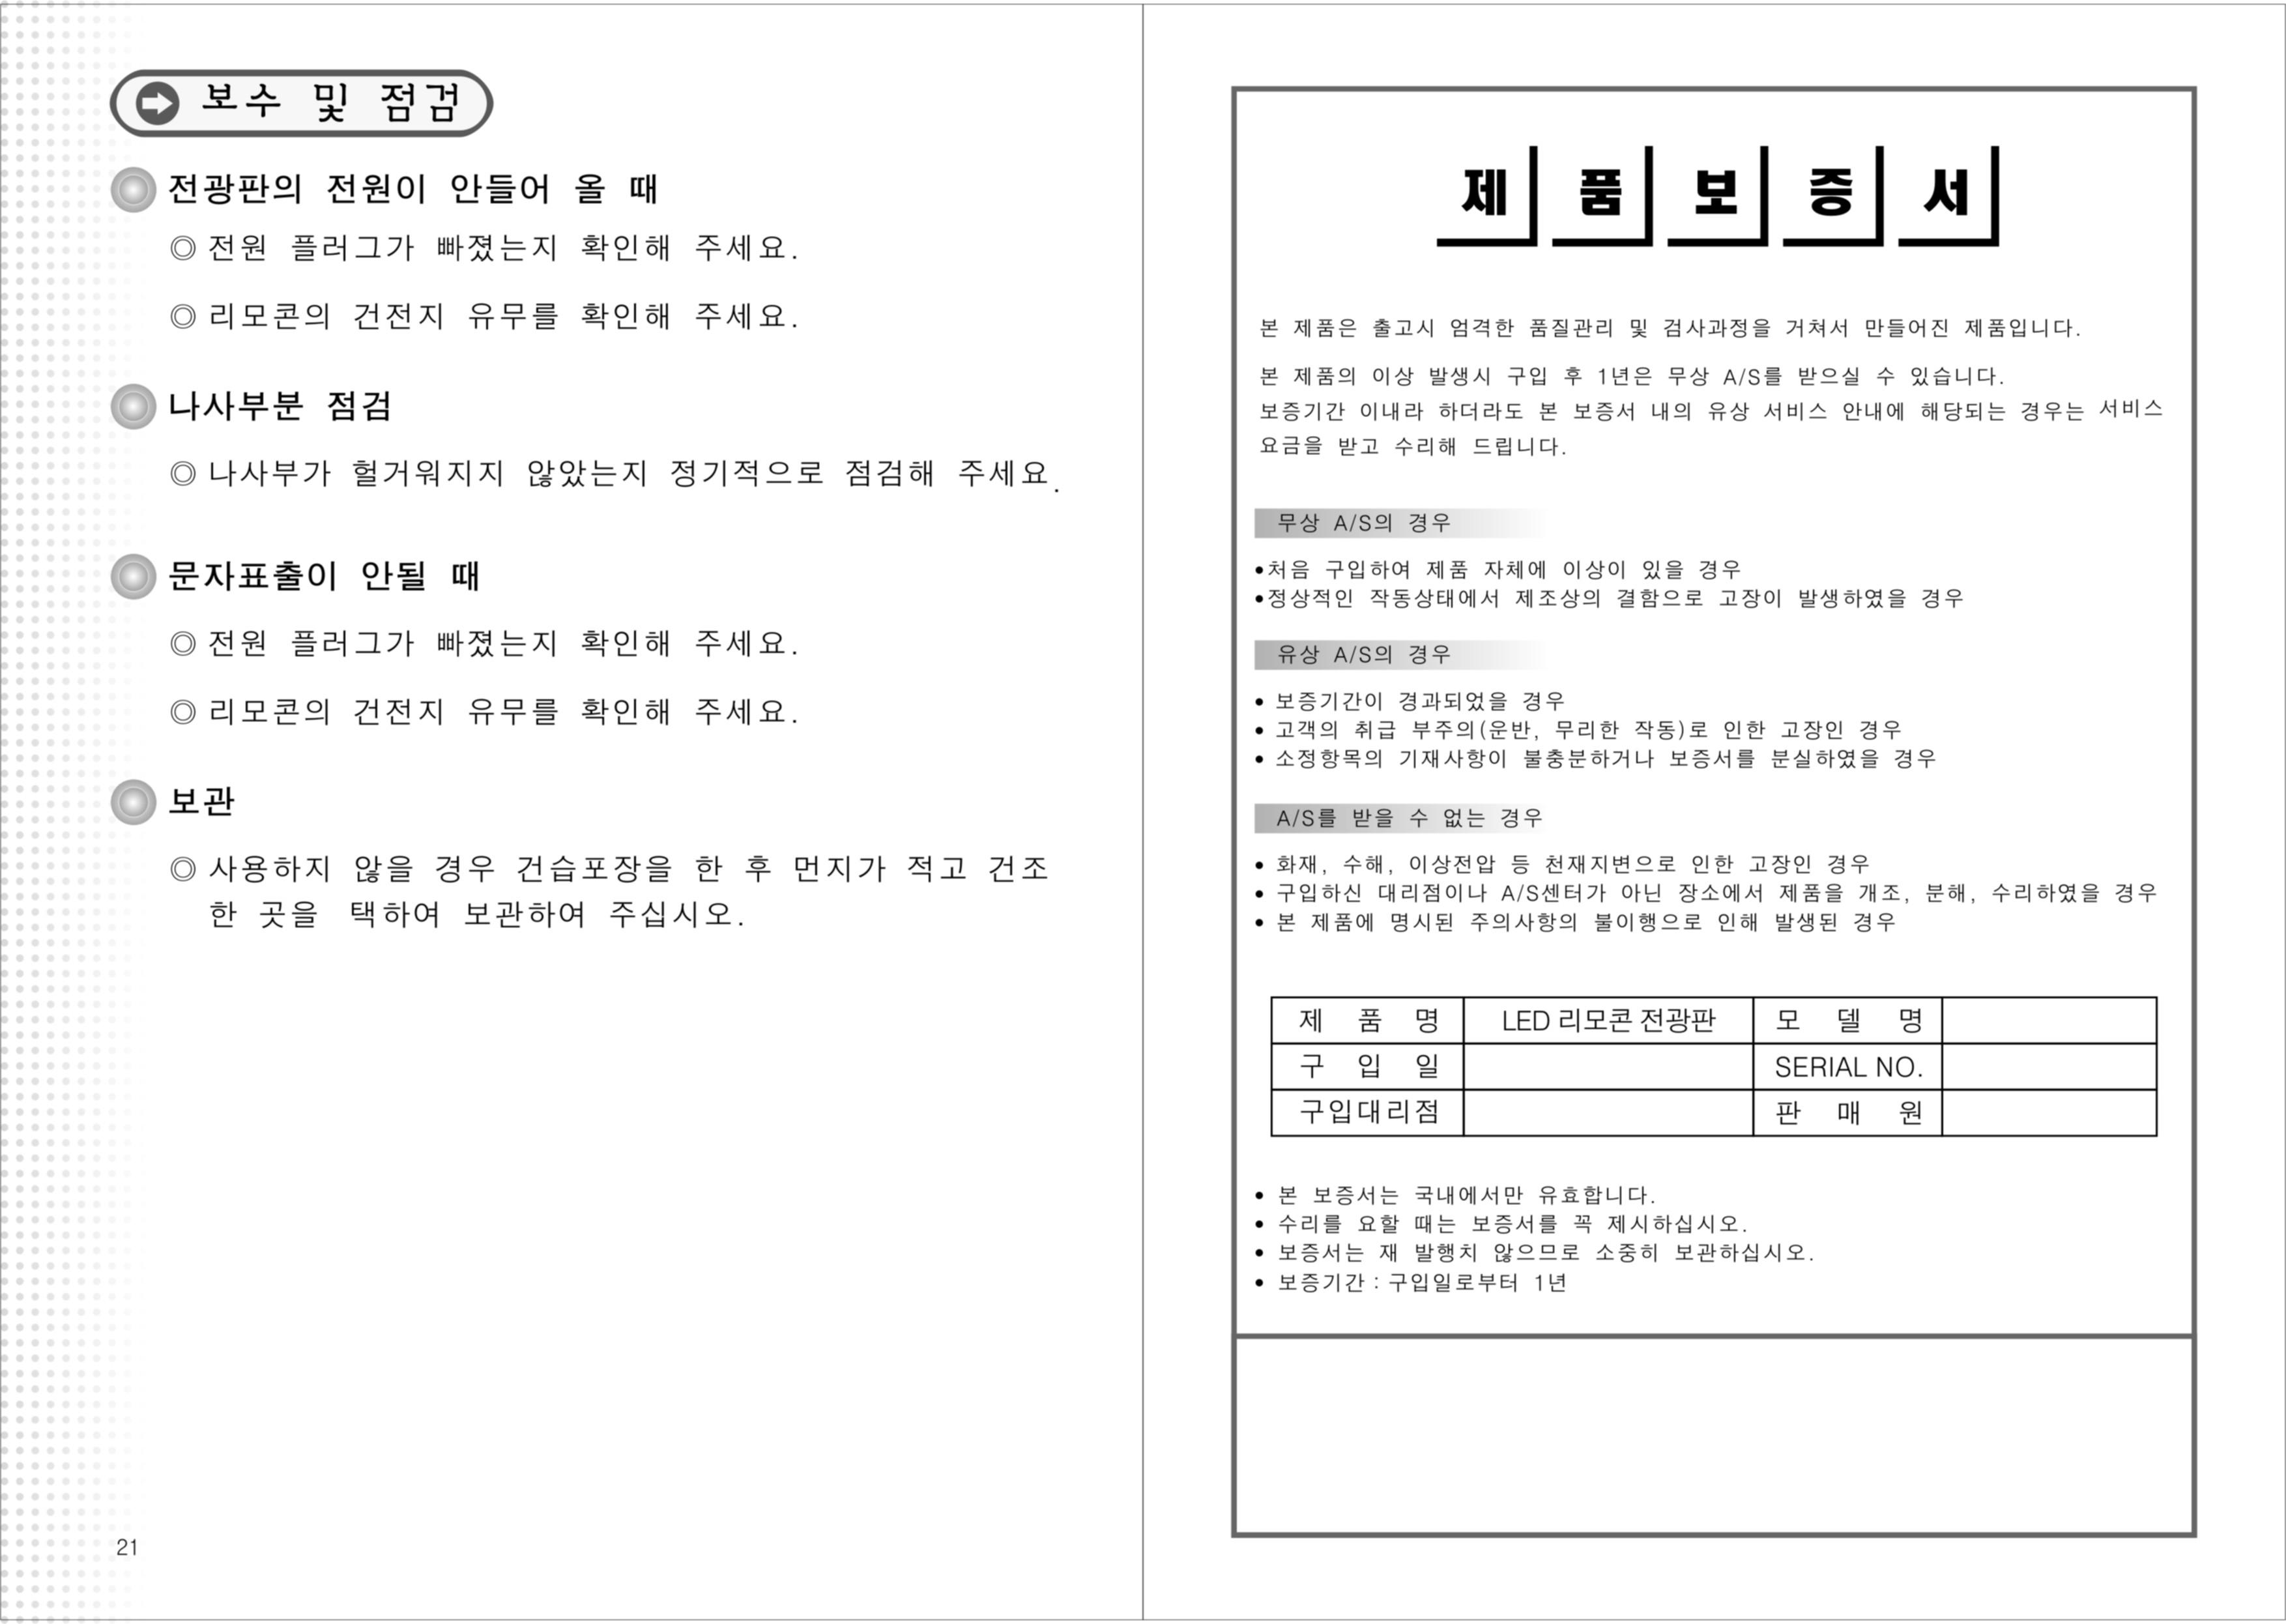 진영정보통신_사용 설명서 (12).jpg